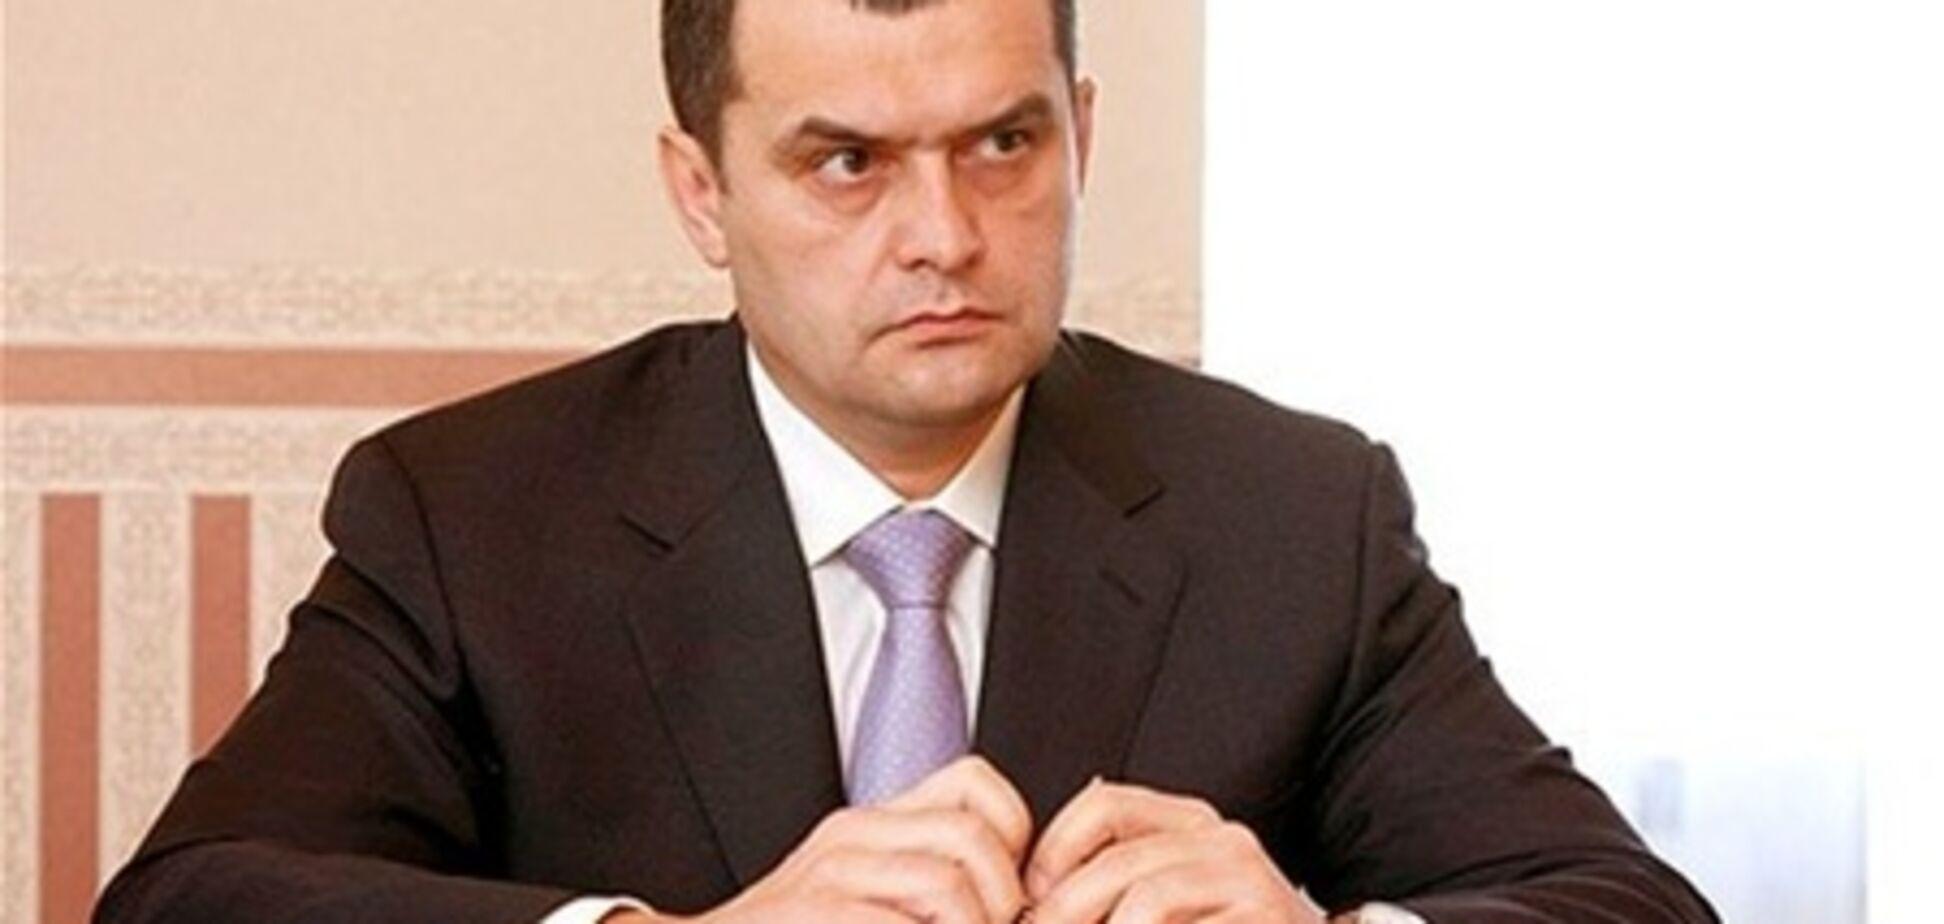 Глава МВД объяснил, почему николаевских насильников сначала отпустили